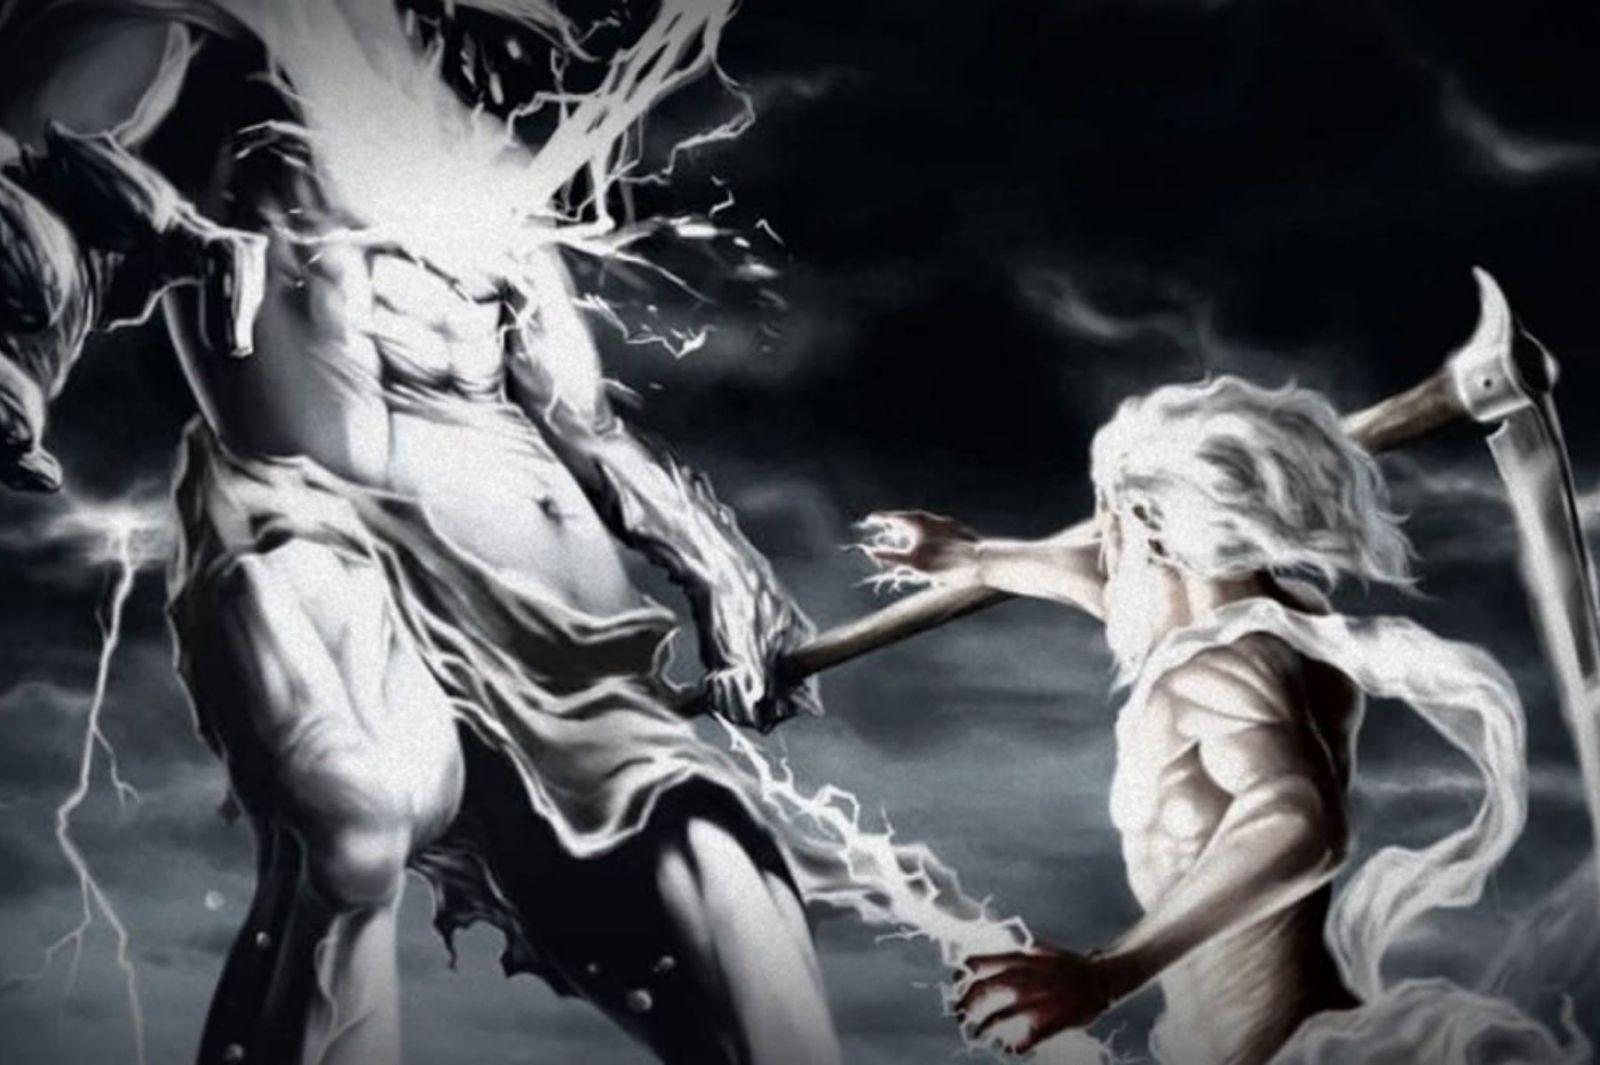 Zeus matando Cronos com seus raios